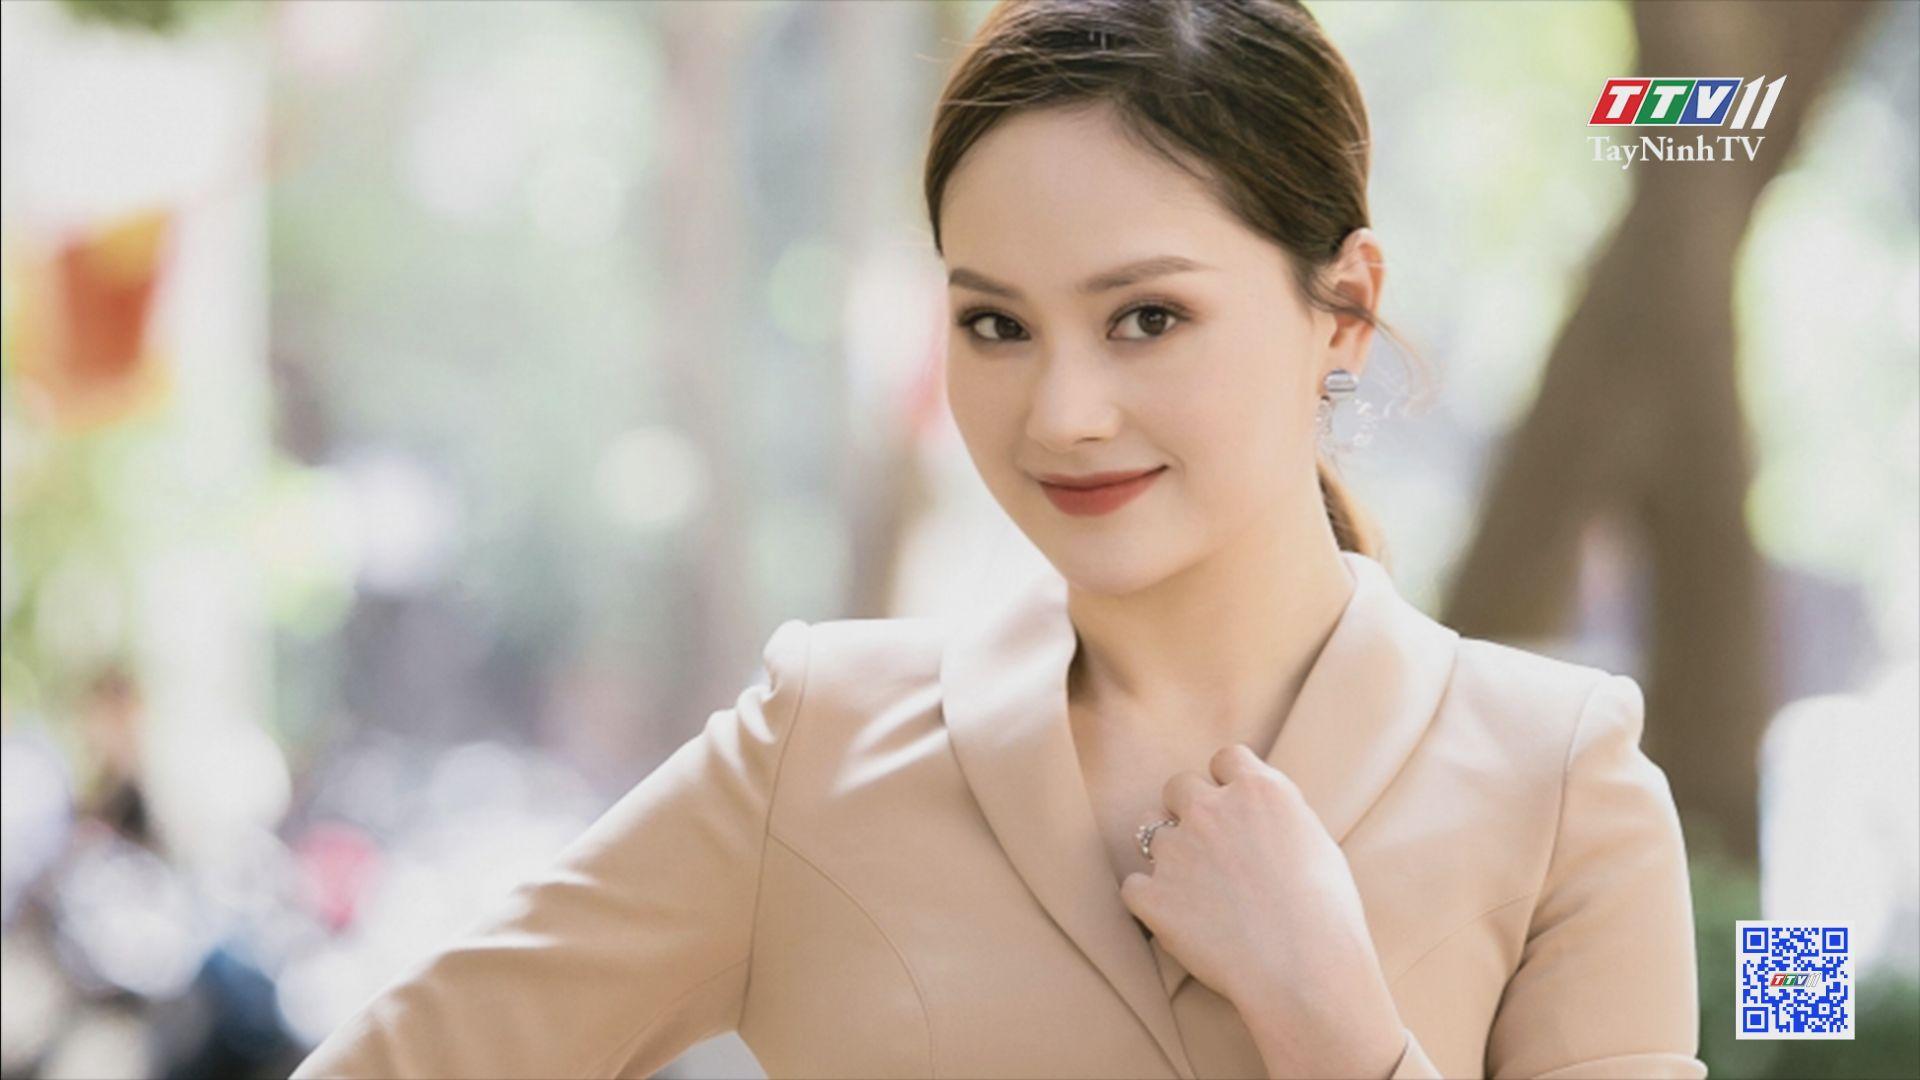 Tập 33 năm 2021_Lan Phương: mối tình chênh lệch với chồng Tây 2m | HẠNH PHÚC Ở ĐÂU | TayNinhTV